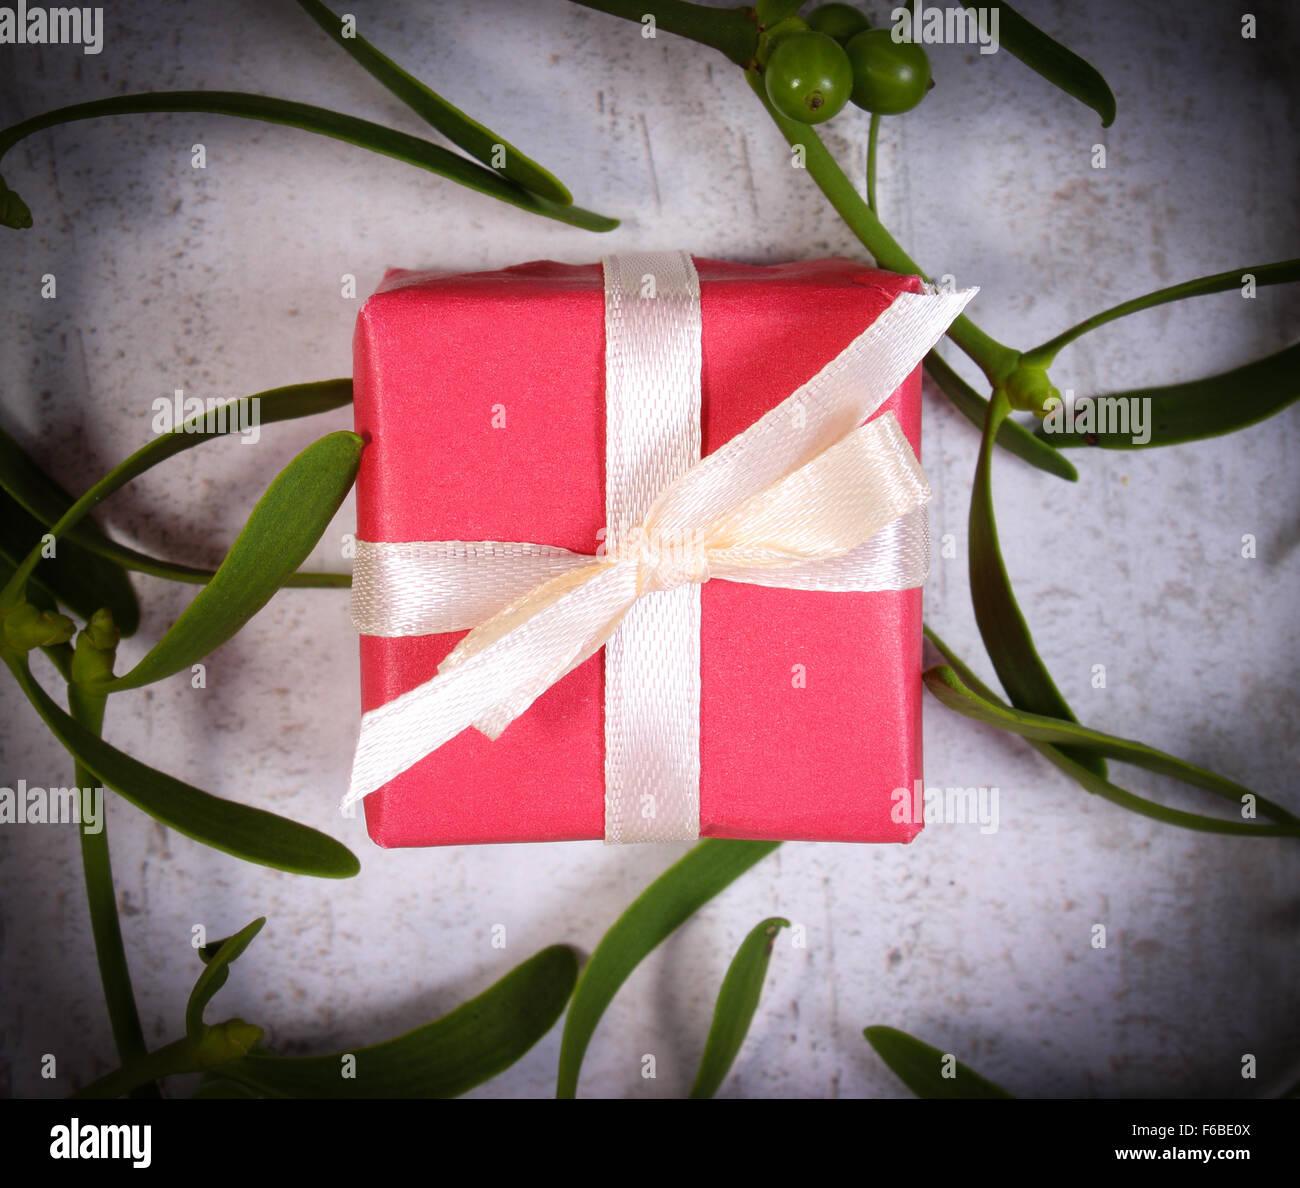 Rotes Geschenk für Weihnachten oder andere Feierlichkeiten und Zweig der grüne Mistel auf alten hölzernen Stockbild